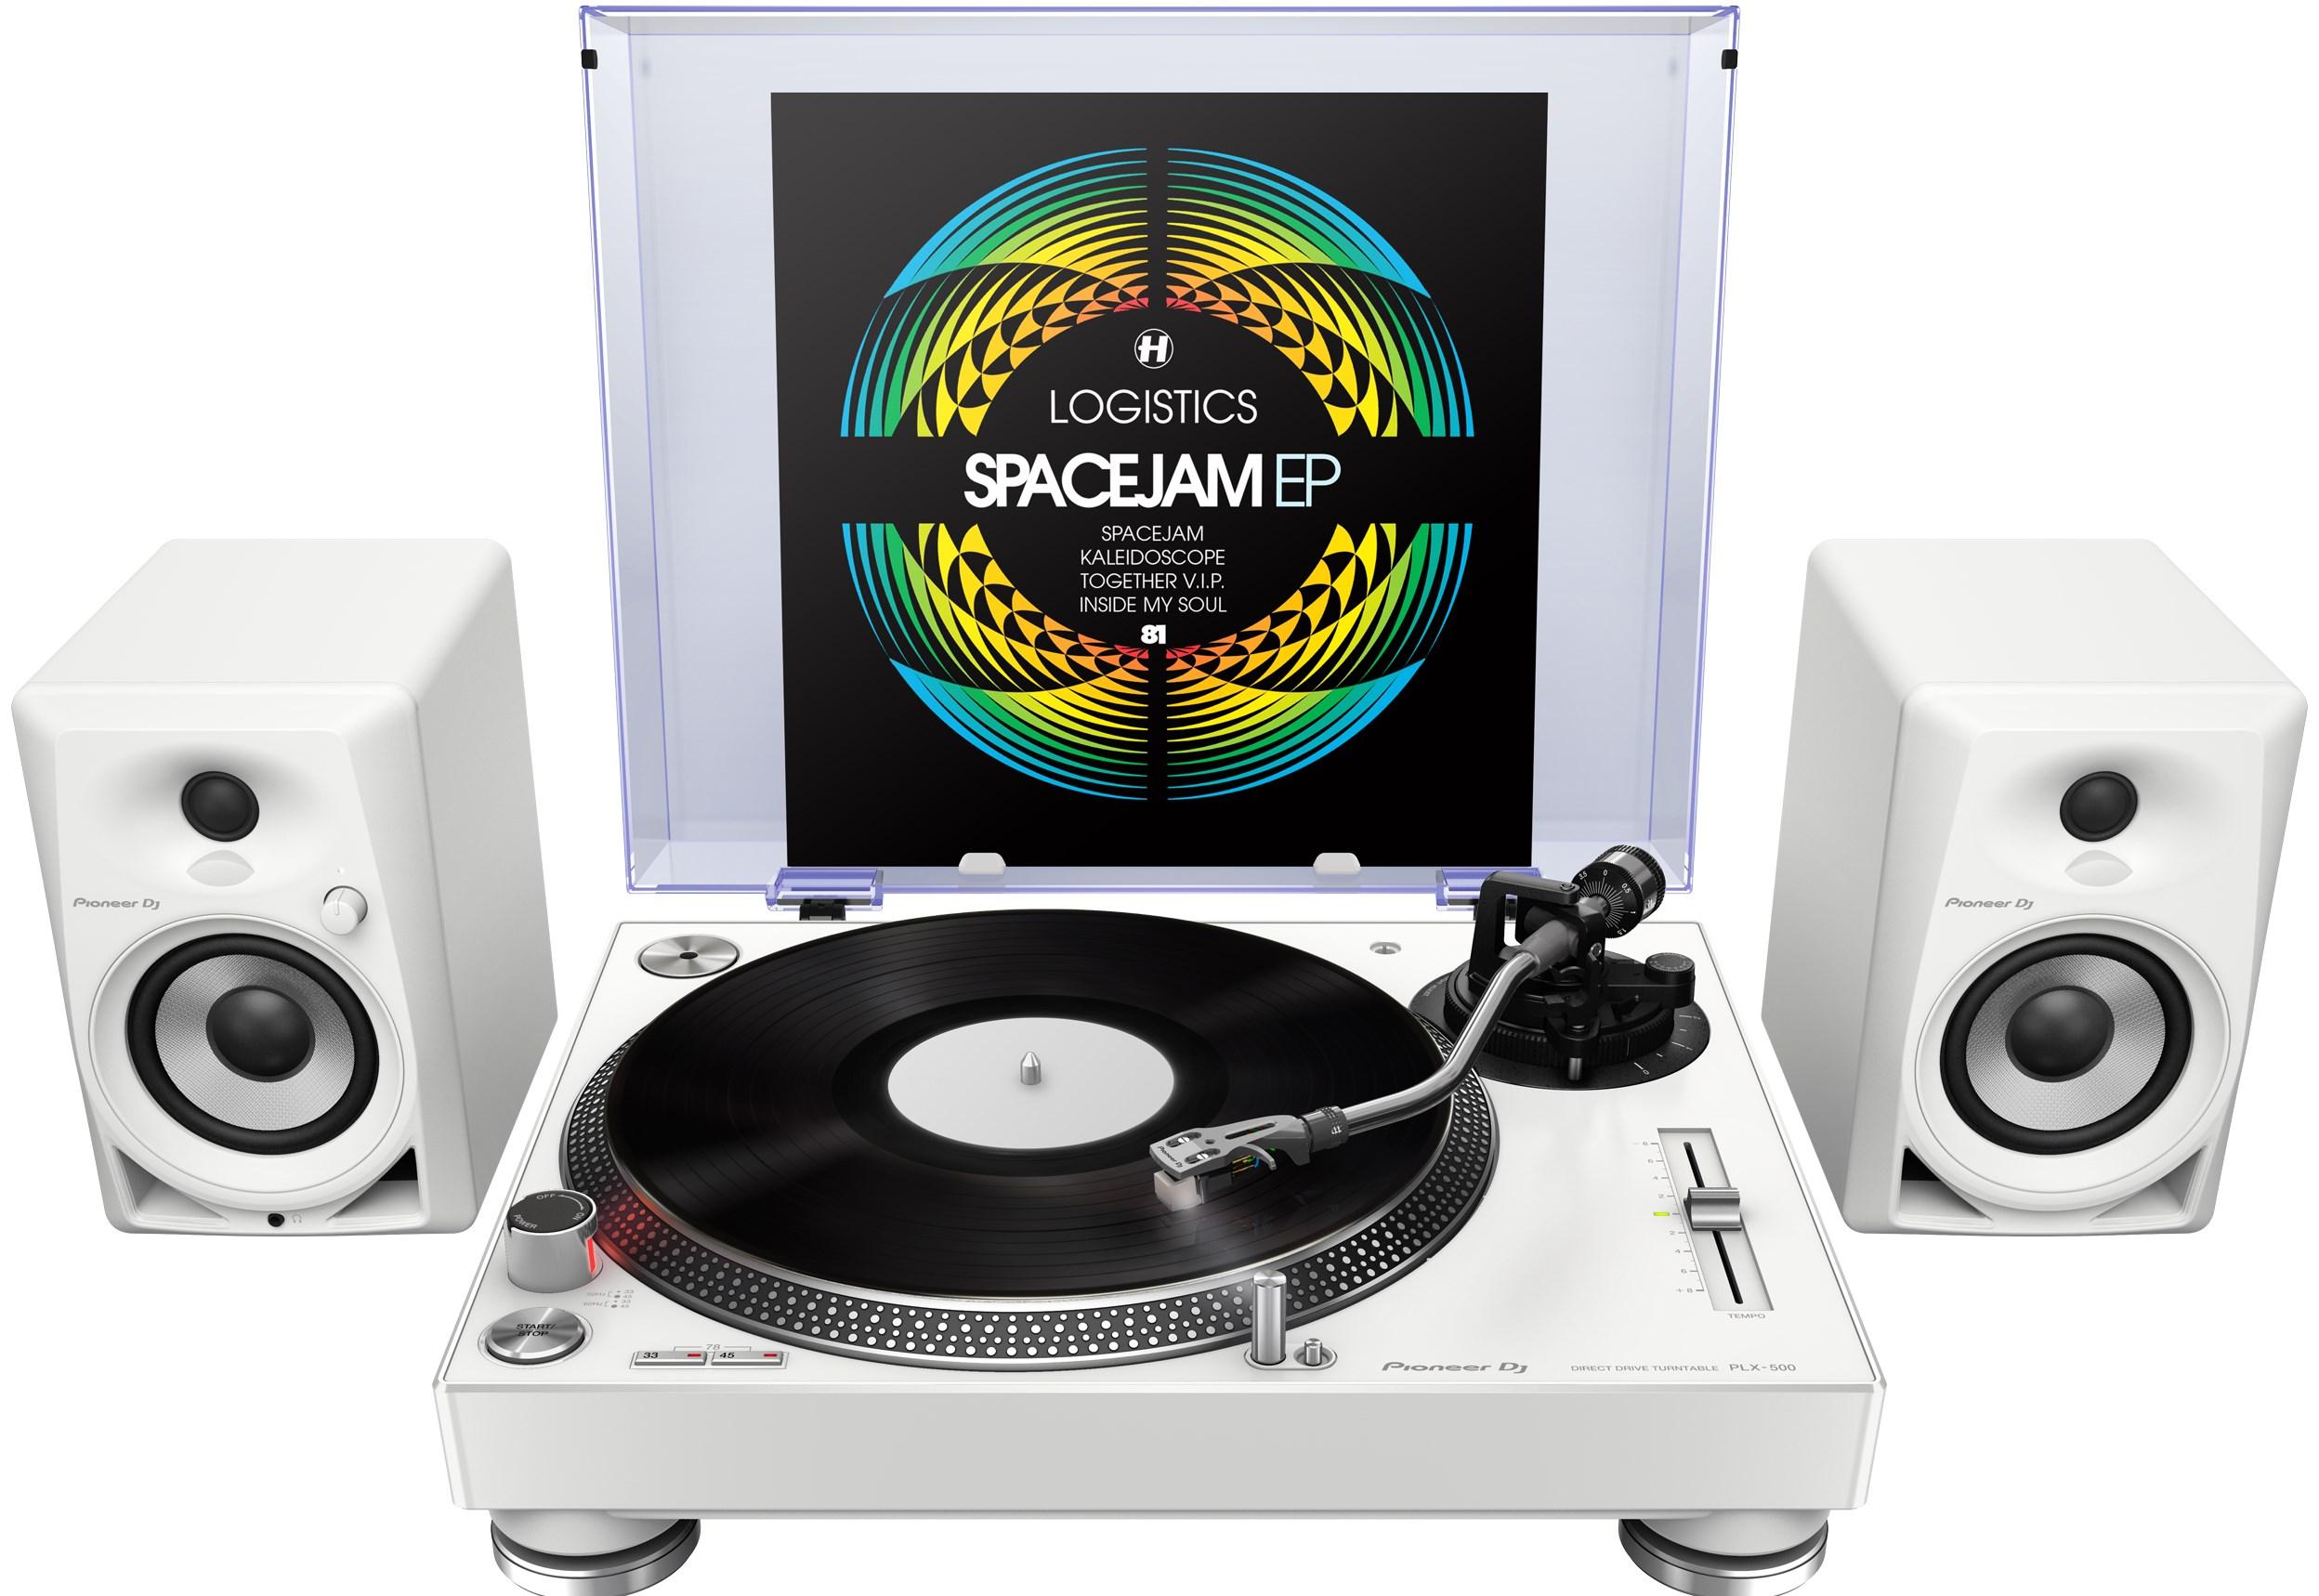 plx-500-w-setcut-dm-40